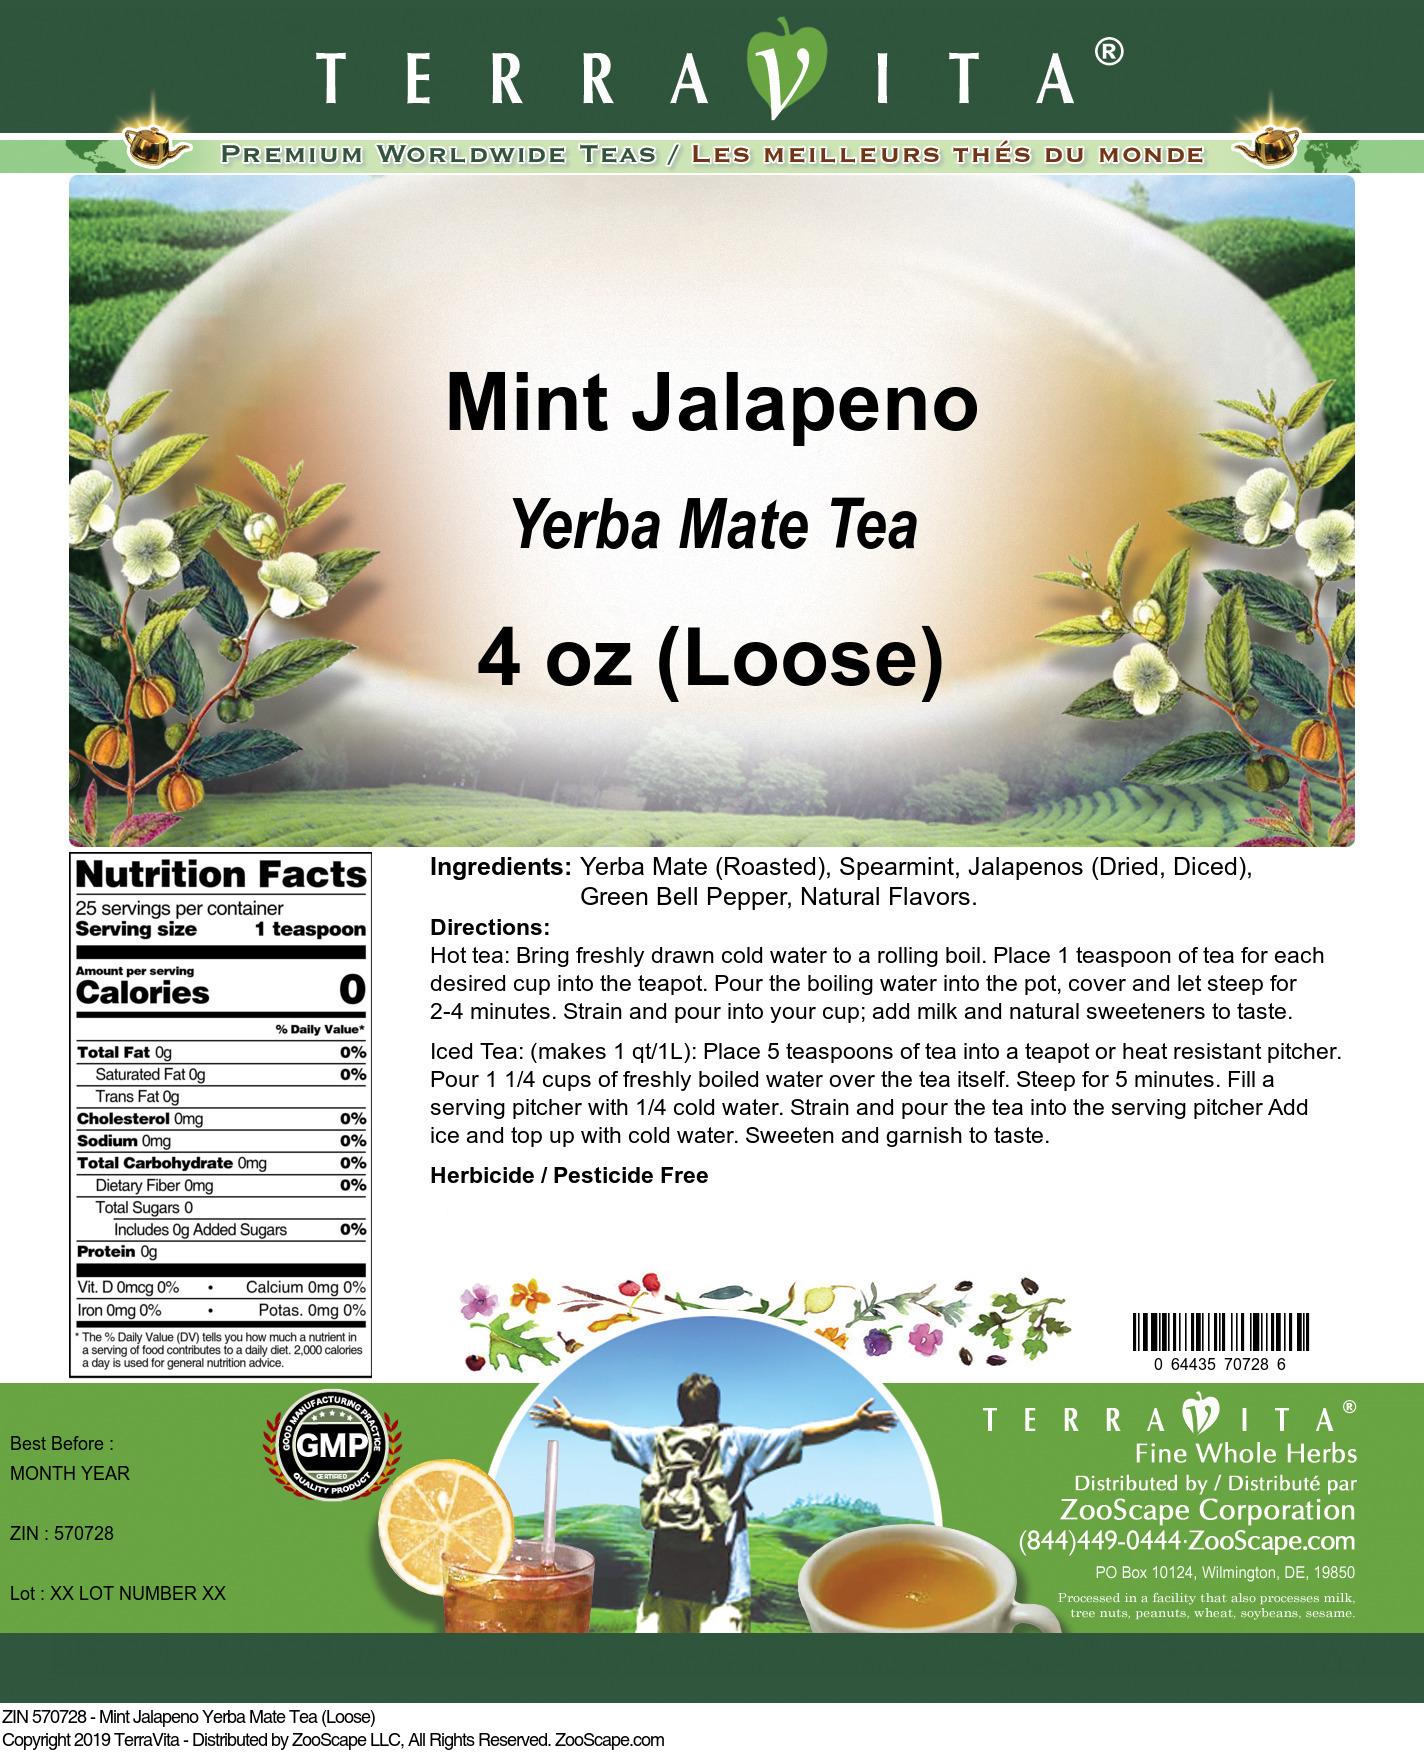 Mint Jalapeno Yerba Mate